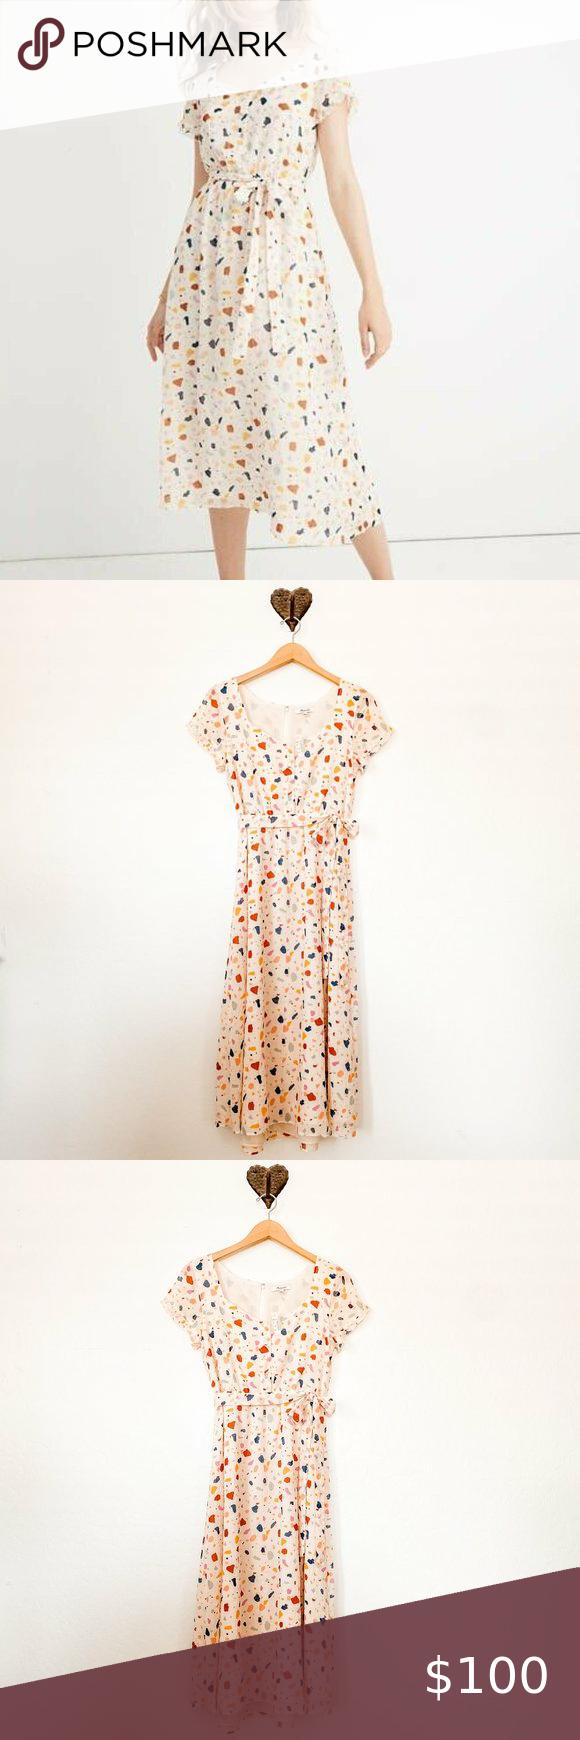 Madewell Tie Waist Midi Dress In Terrazzo Madewell Dresses Midi Dress Clothes Design [ 1740 x 580 Pixel ]